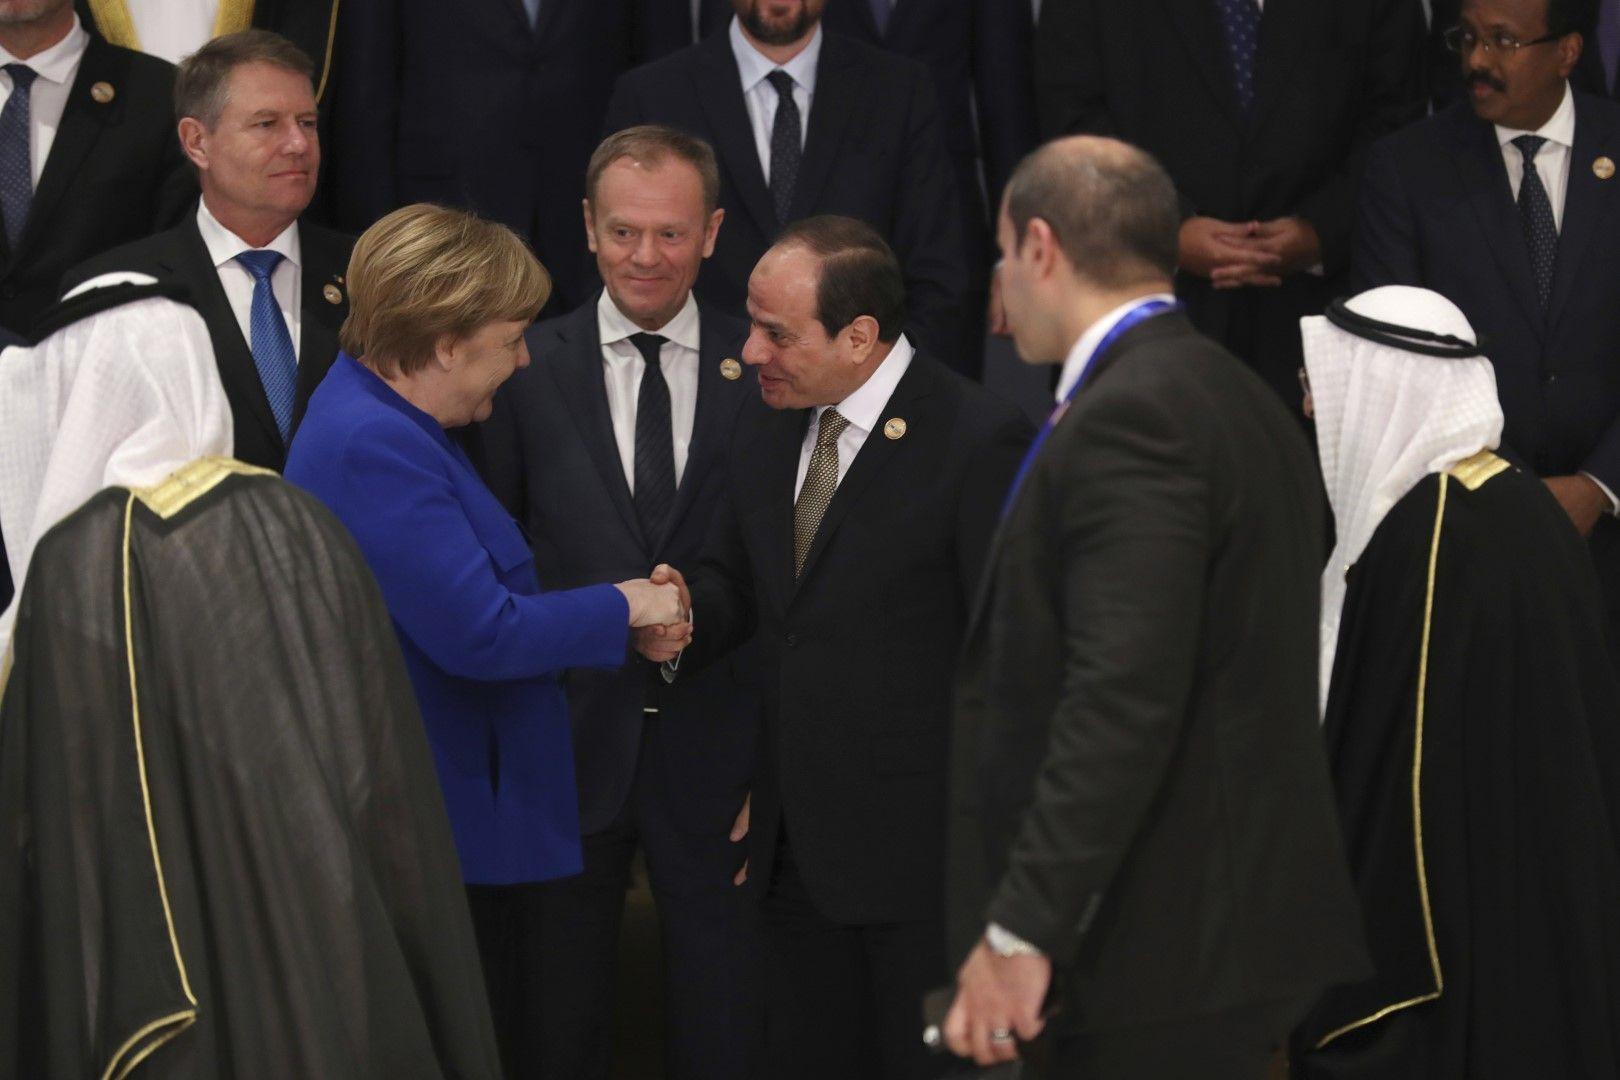 Канцлерът на Германия Ангела Меркел се ръкува с президента Ас Сиси, между тях е председателят на ЕС Доналд Туск